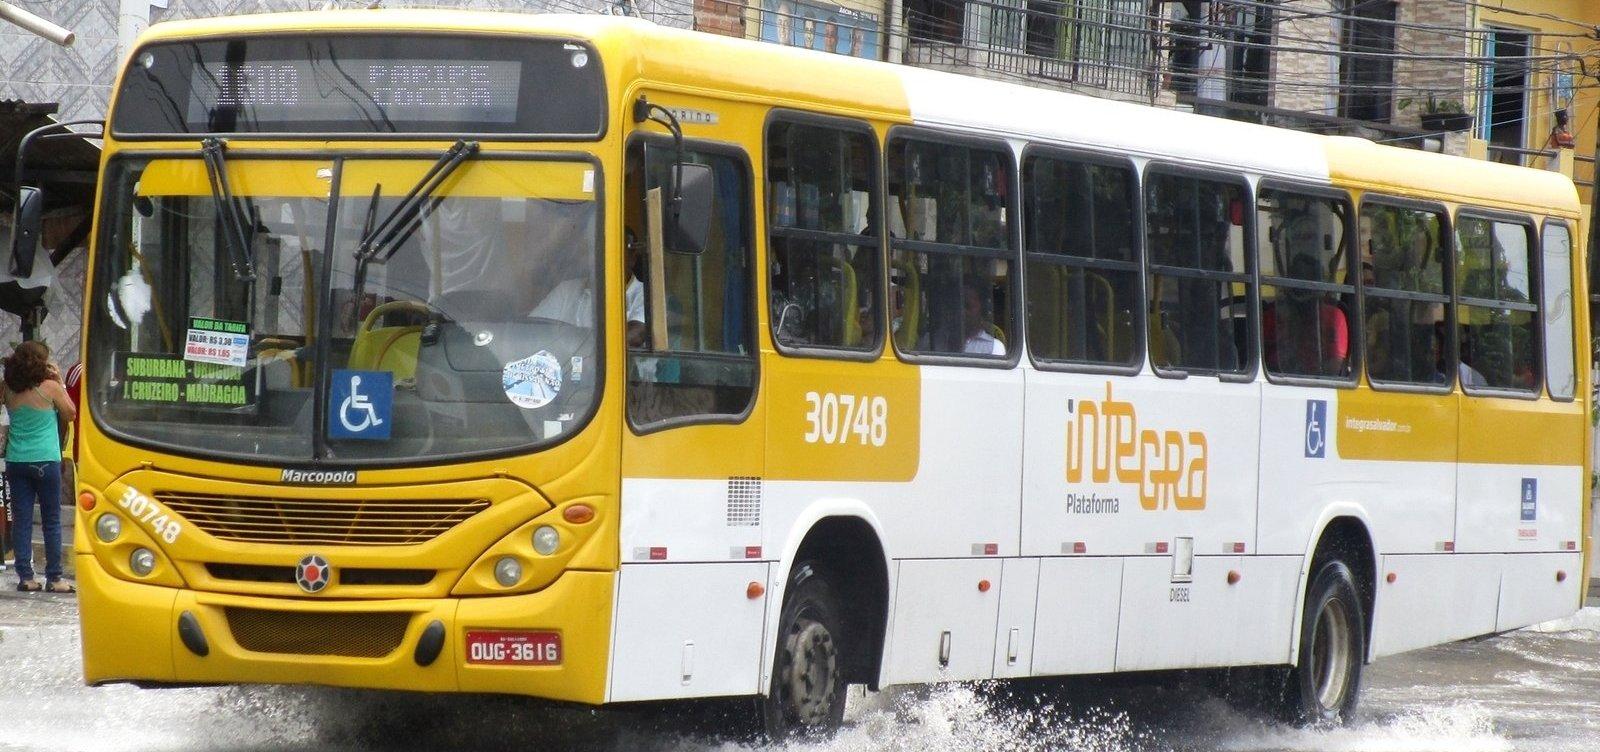 [Retirada de ônibus no trajeto do metrô pode gerar demissão de mais de mil rodoviários, diz sindicato]